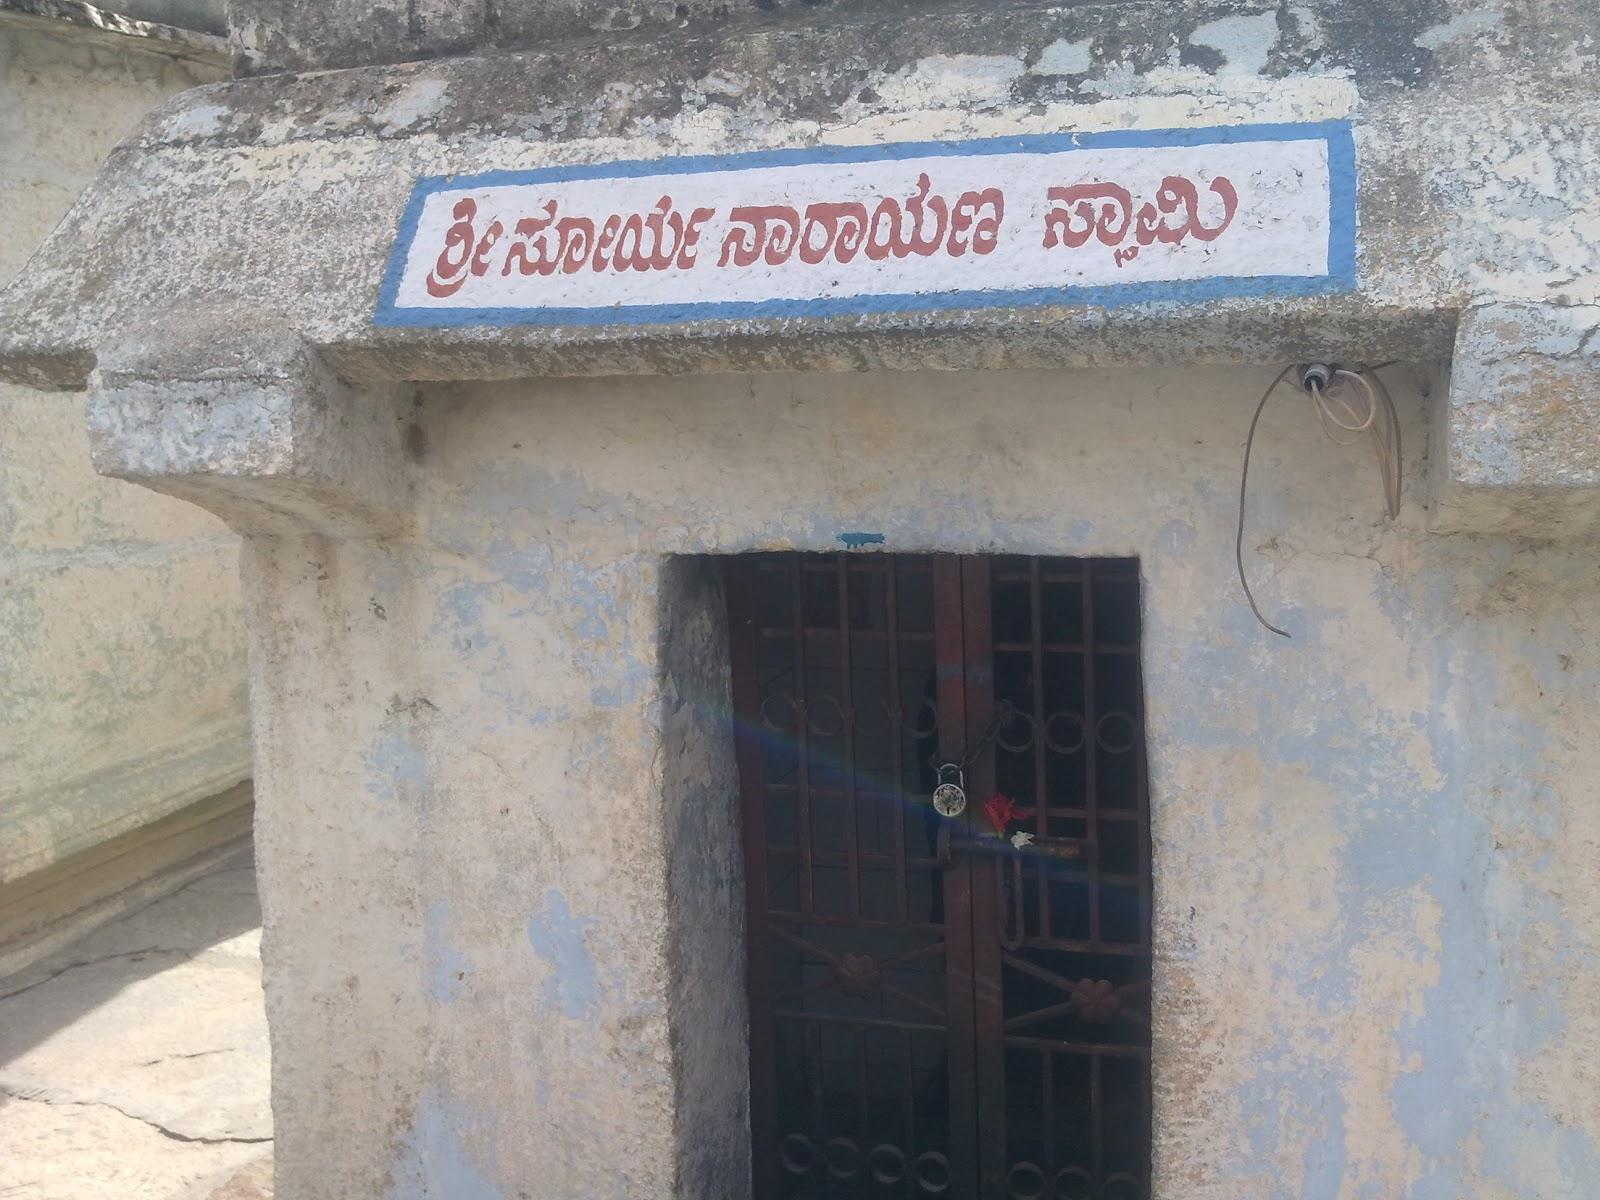 Sri Panchalingeshwara Temple, Begur - Bangalore